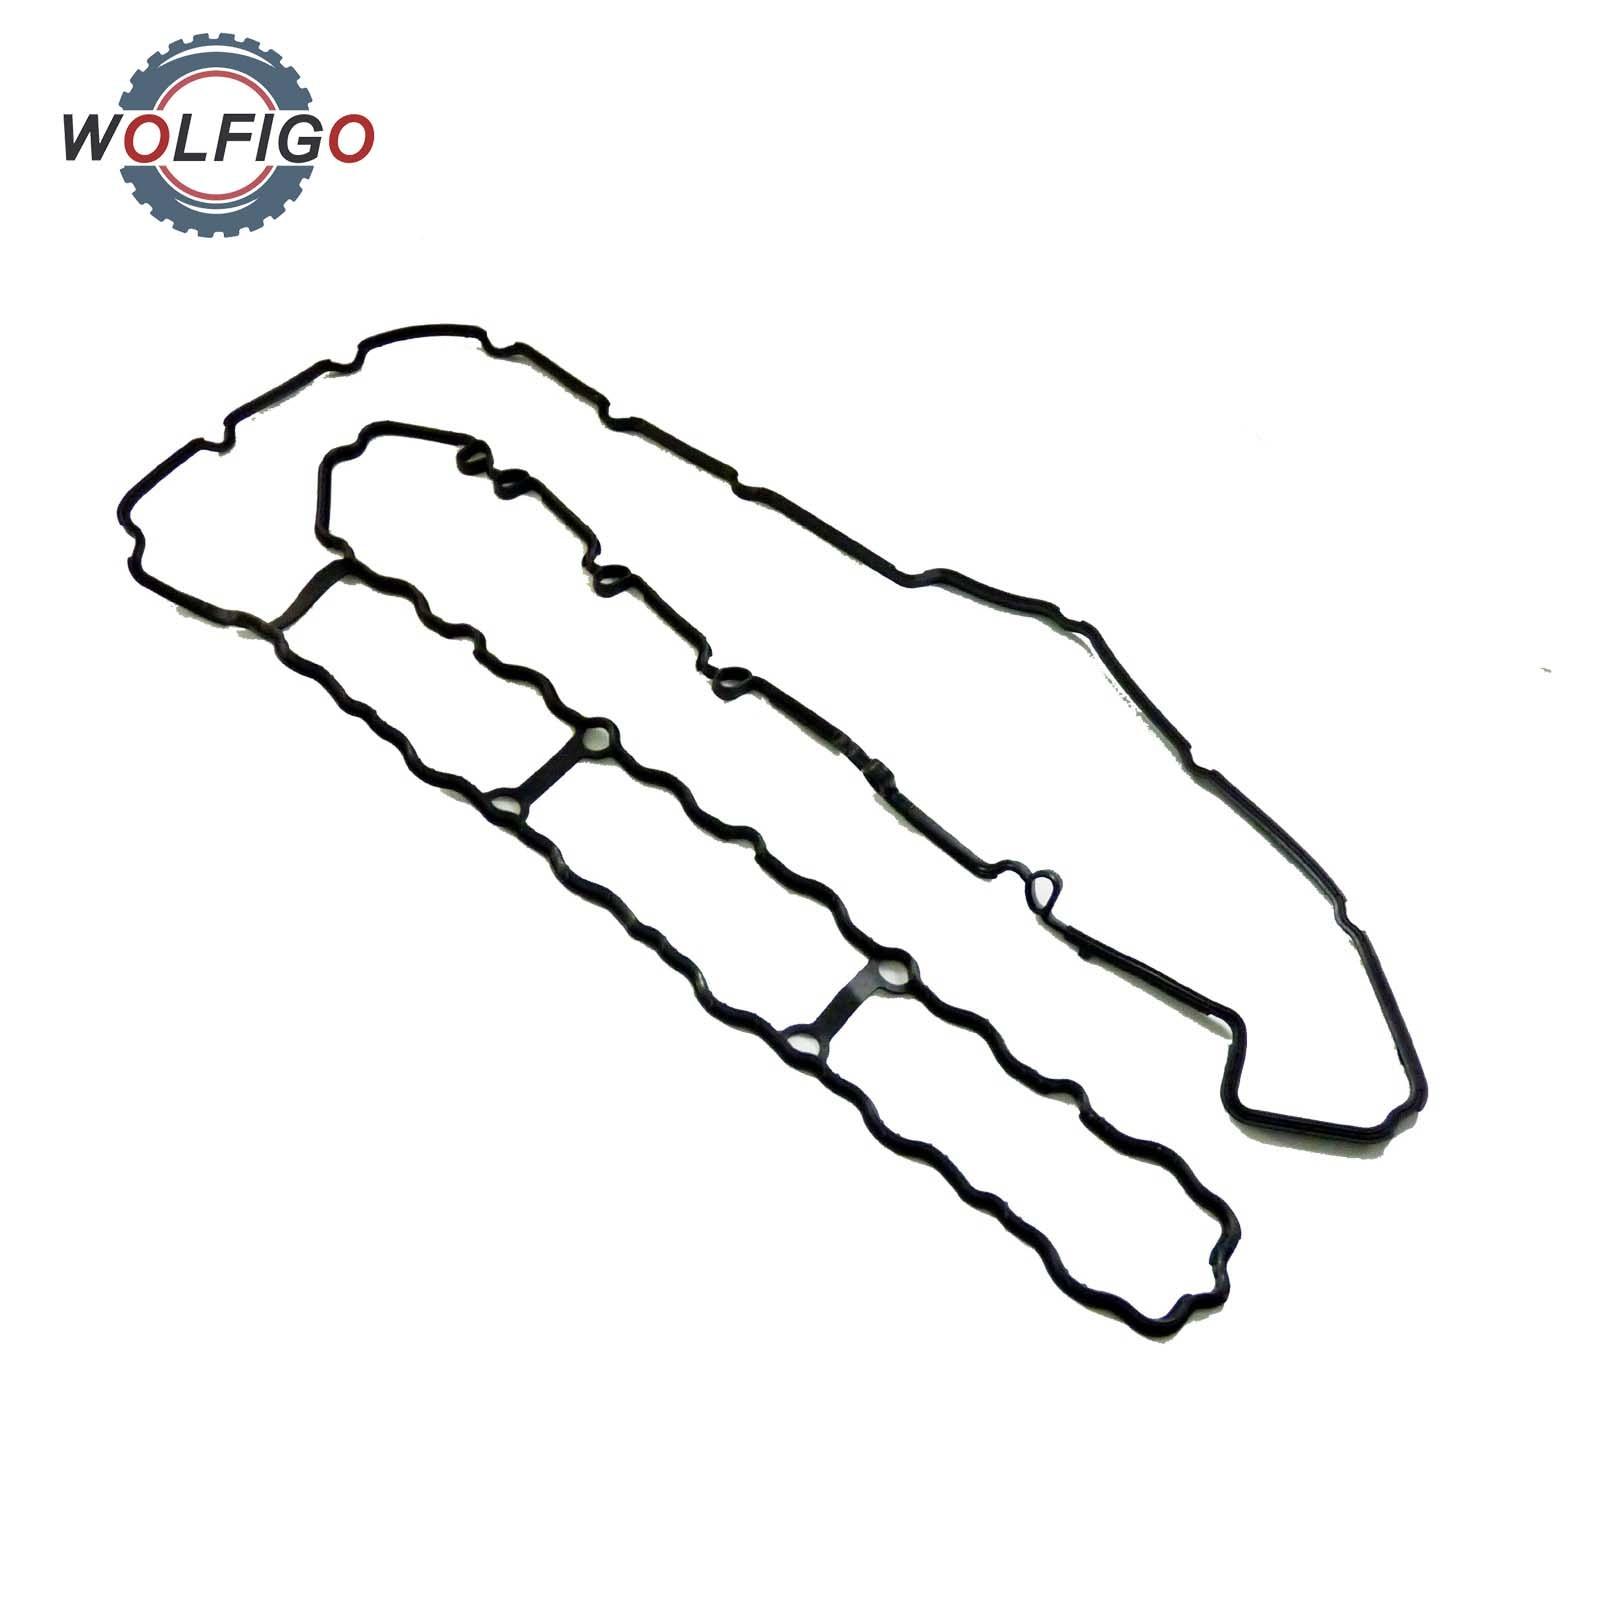 Wolfigo New Valve Cover Gasket For